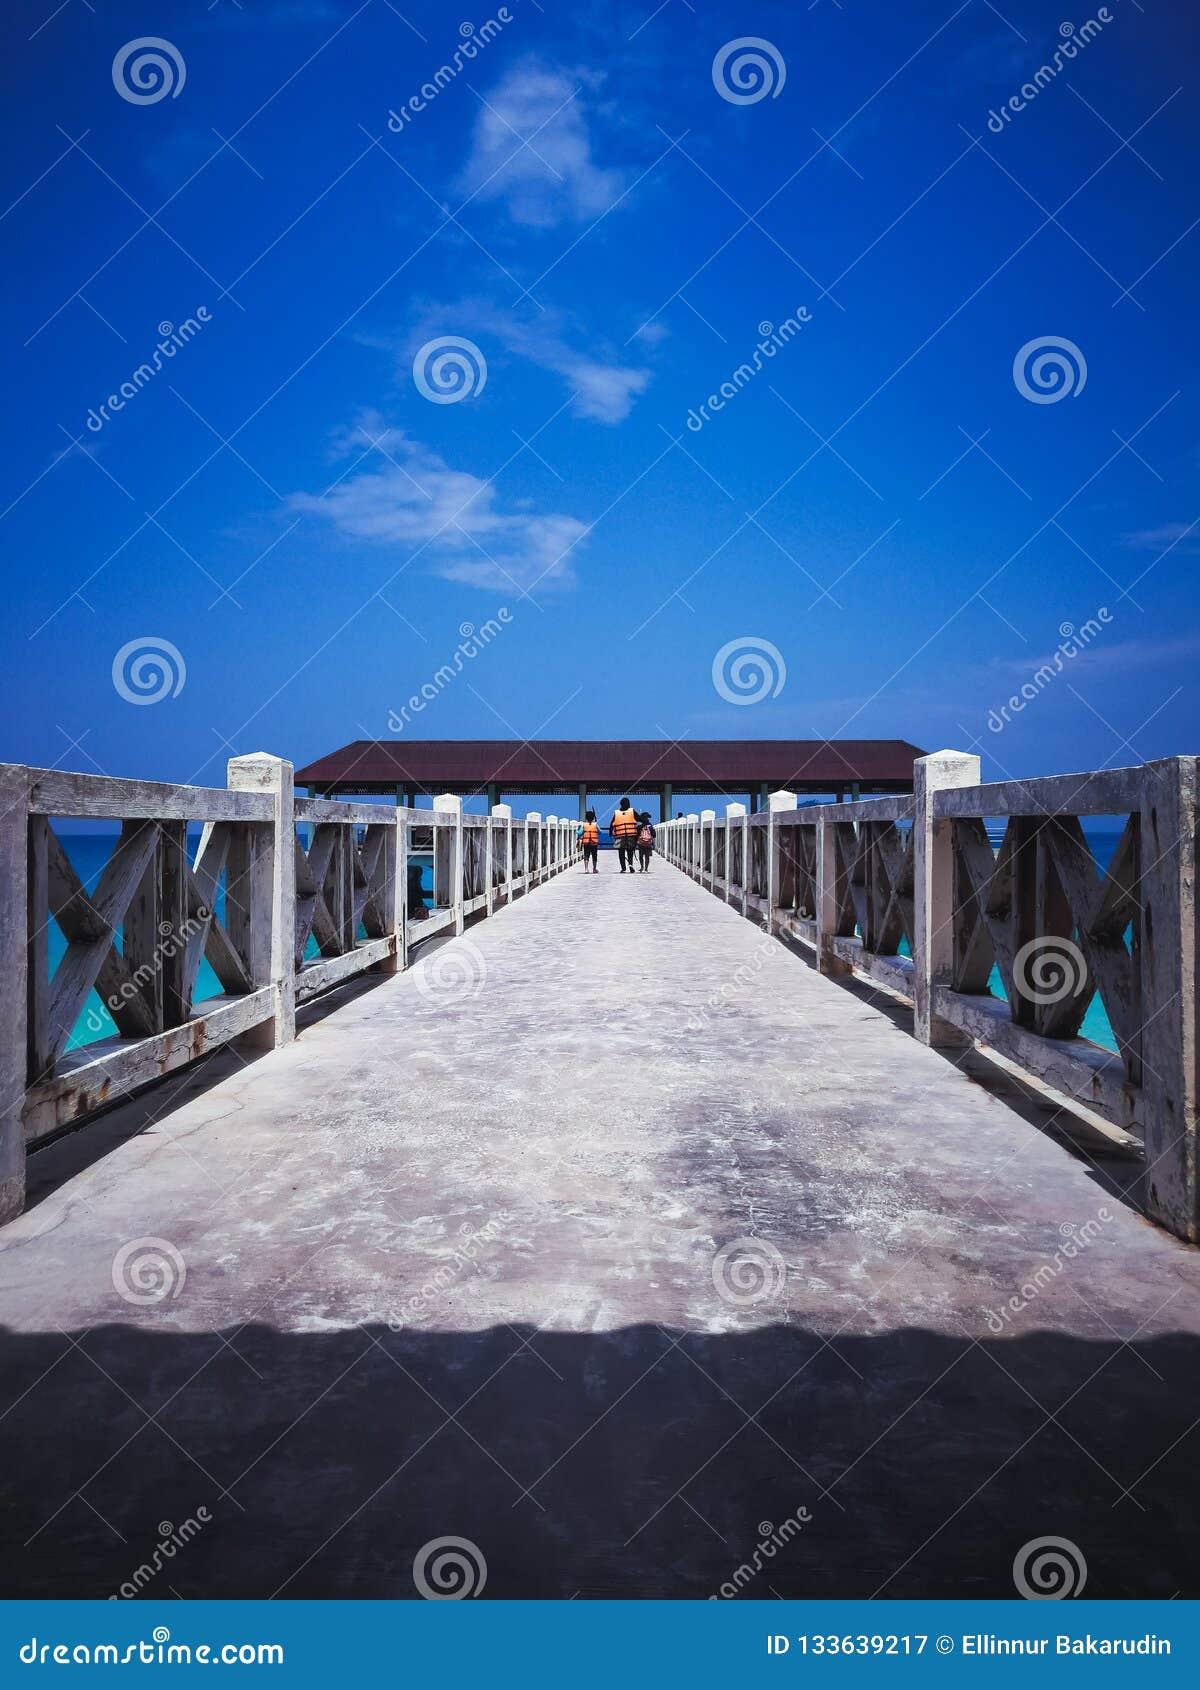 Jetée en bois dans le midi sous les cieux bleus clairs avec la marche de personnes